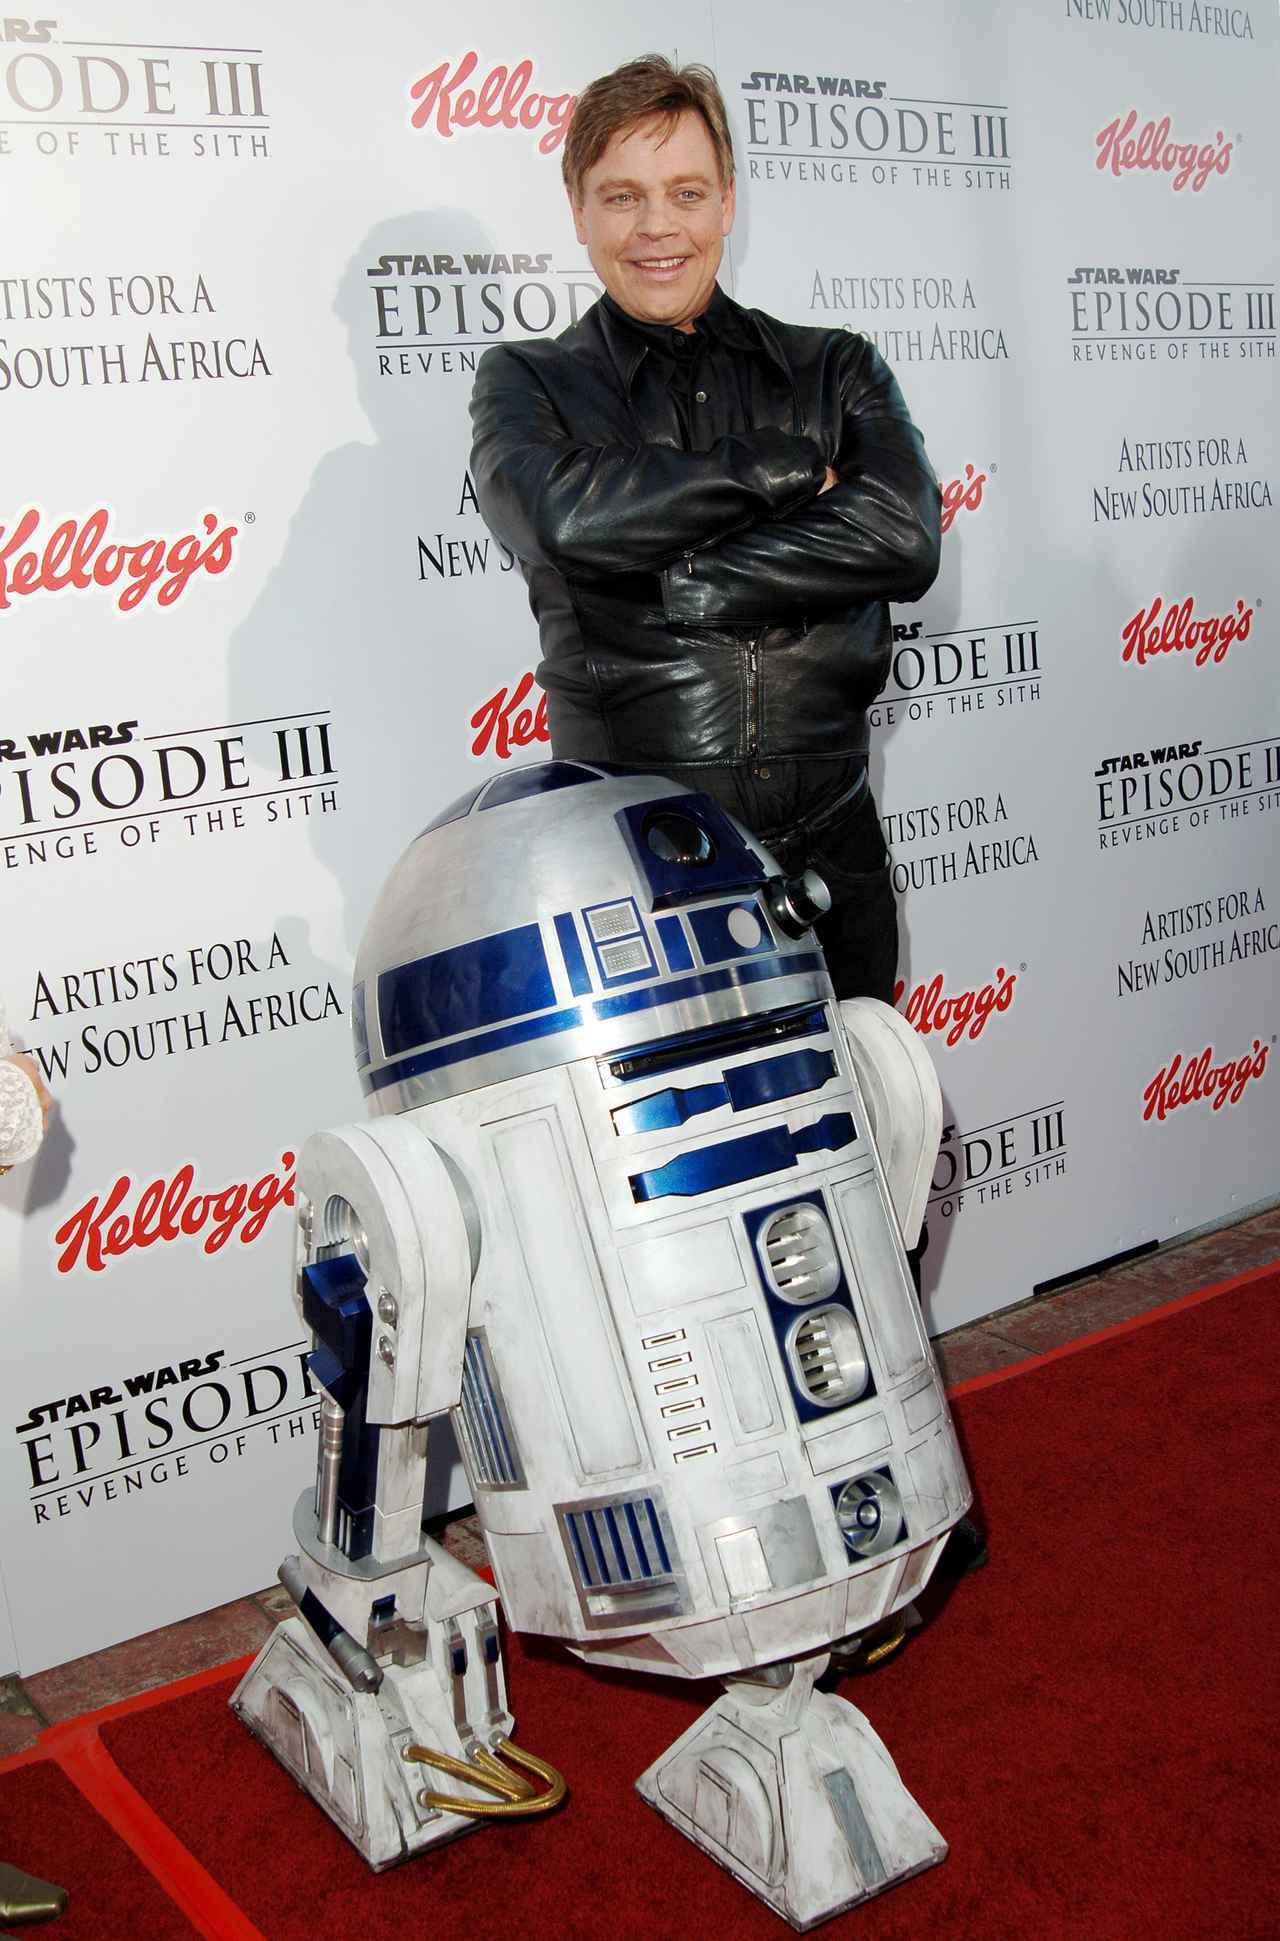 画像: 2005年に撮影されたR2-D2とルーク・スカイウォーカー役のマーク・ハミル。